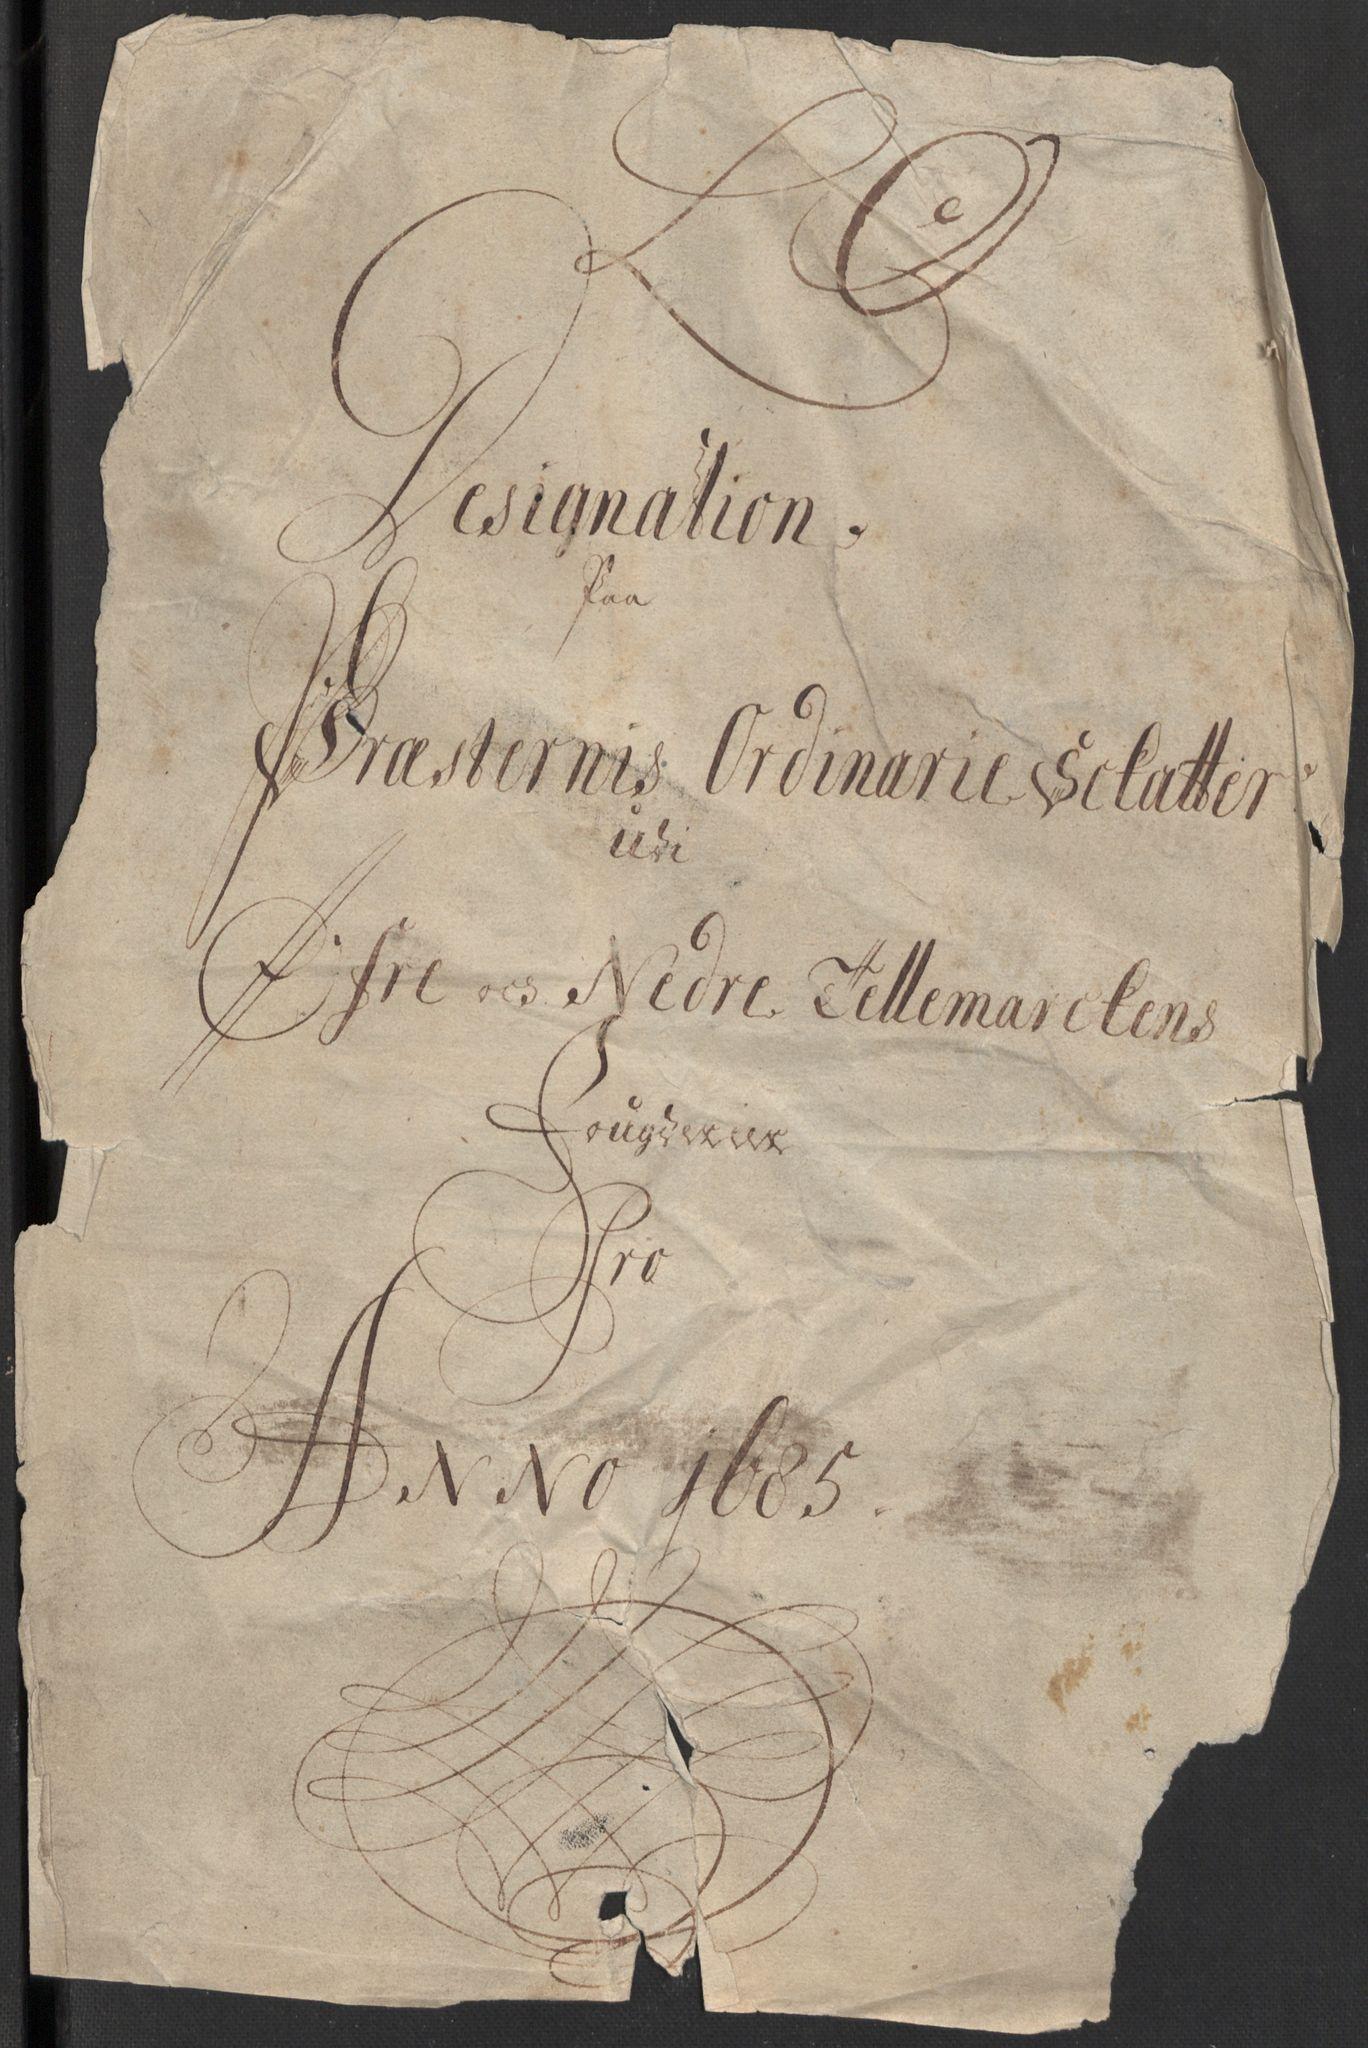 RA, Rentekammeret inntil 1814, Reviderte regnskaper, Fogderegnskap, R35/L2082: Fogderegnskap Øvre og Nedre Telemark, 1685, s. 385